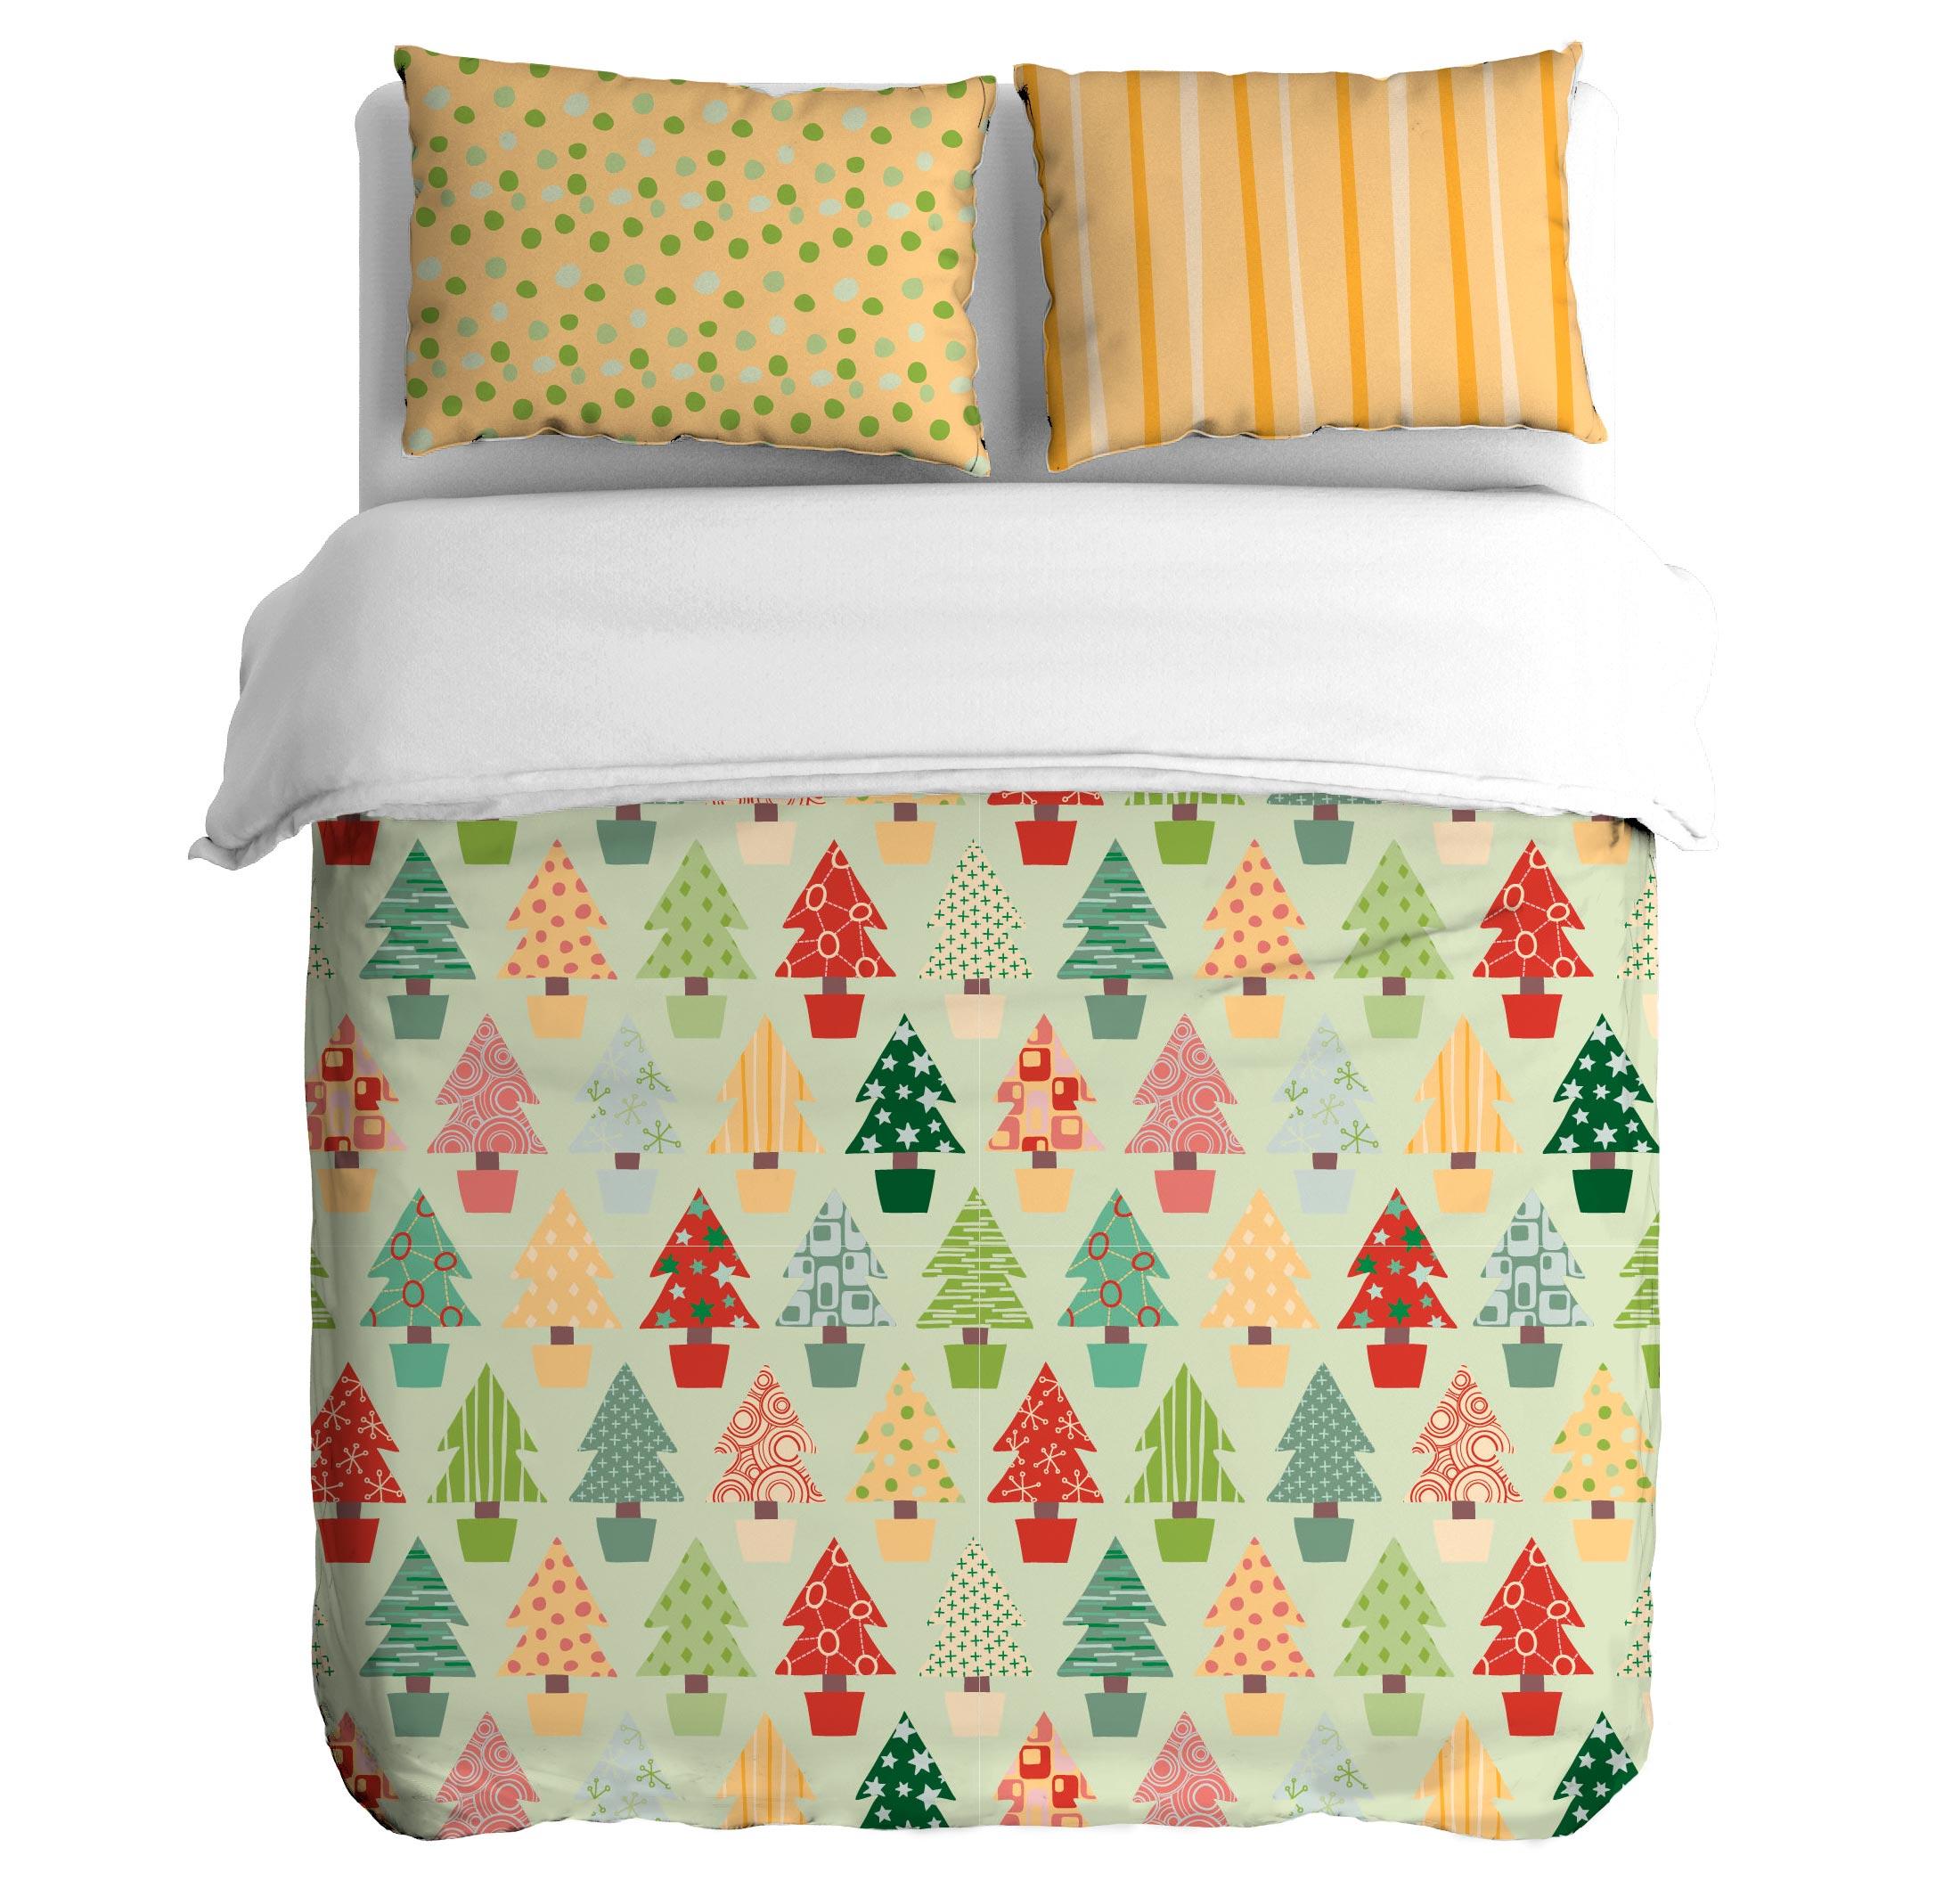 Постельное белье Peach Постельное белье Winter forest (1,5 спал.) постельное белье forest bow wow 3 предмета